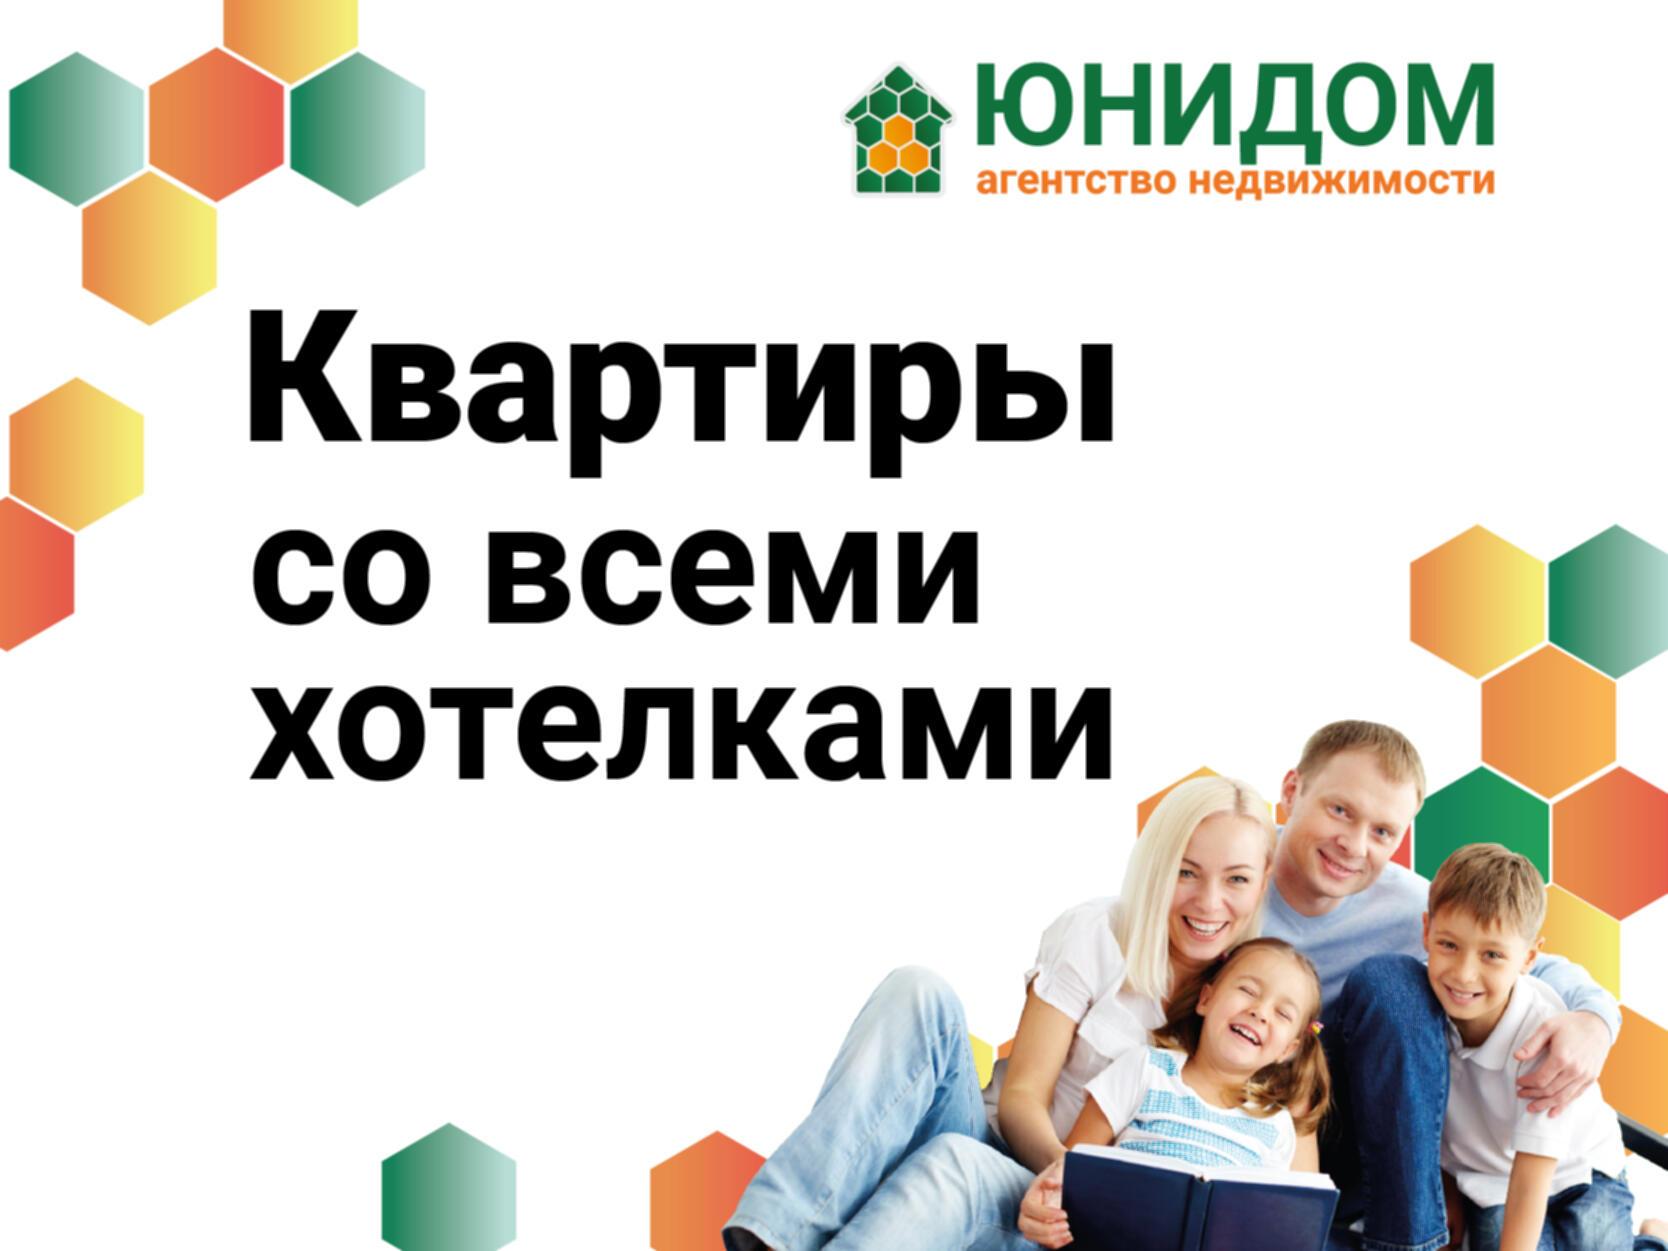 Большой выбор квартир со всеми «хотелками» в агентстве недвижимости Юнидом!